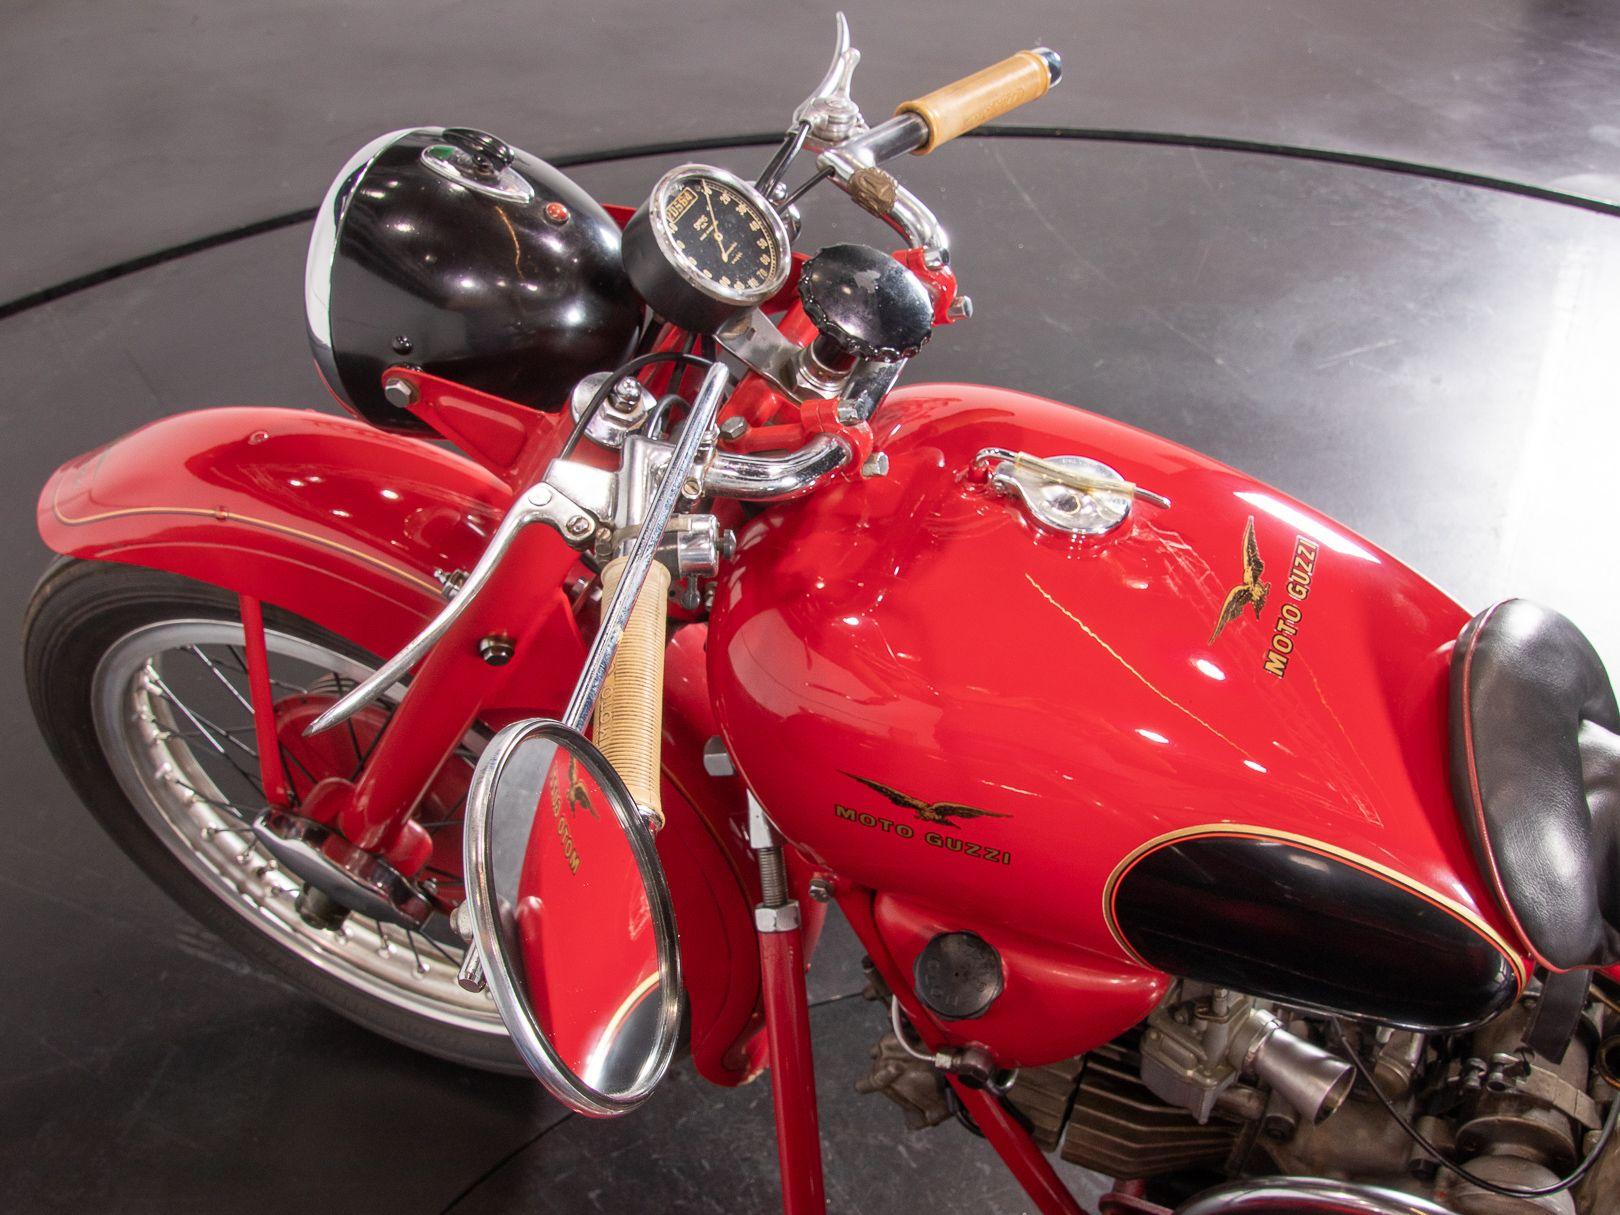 1956 Moto Guzzi 500 FS Sidecar 44988